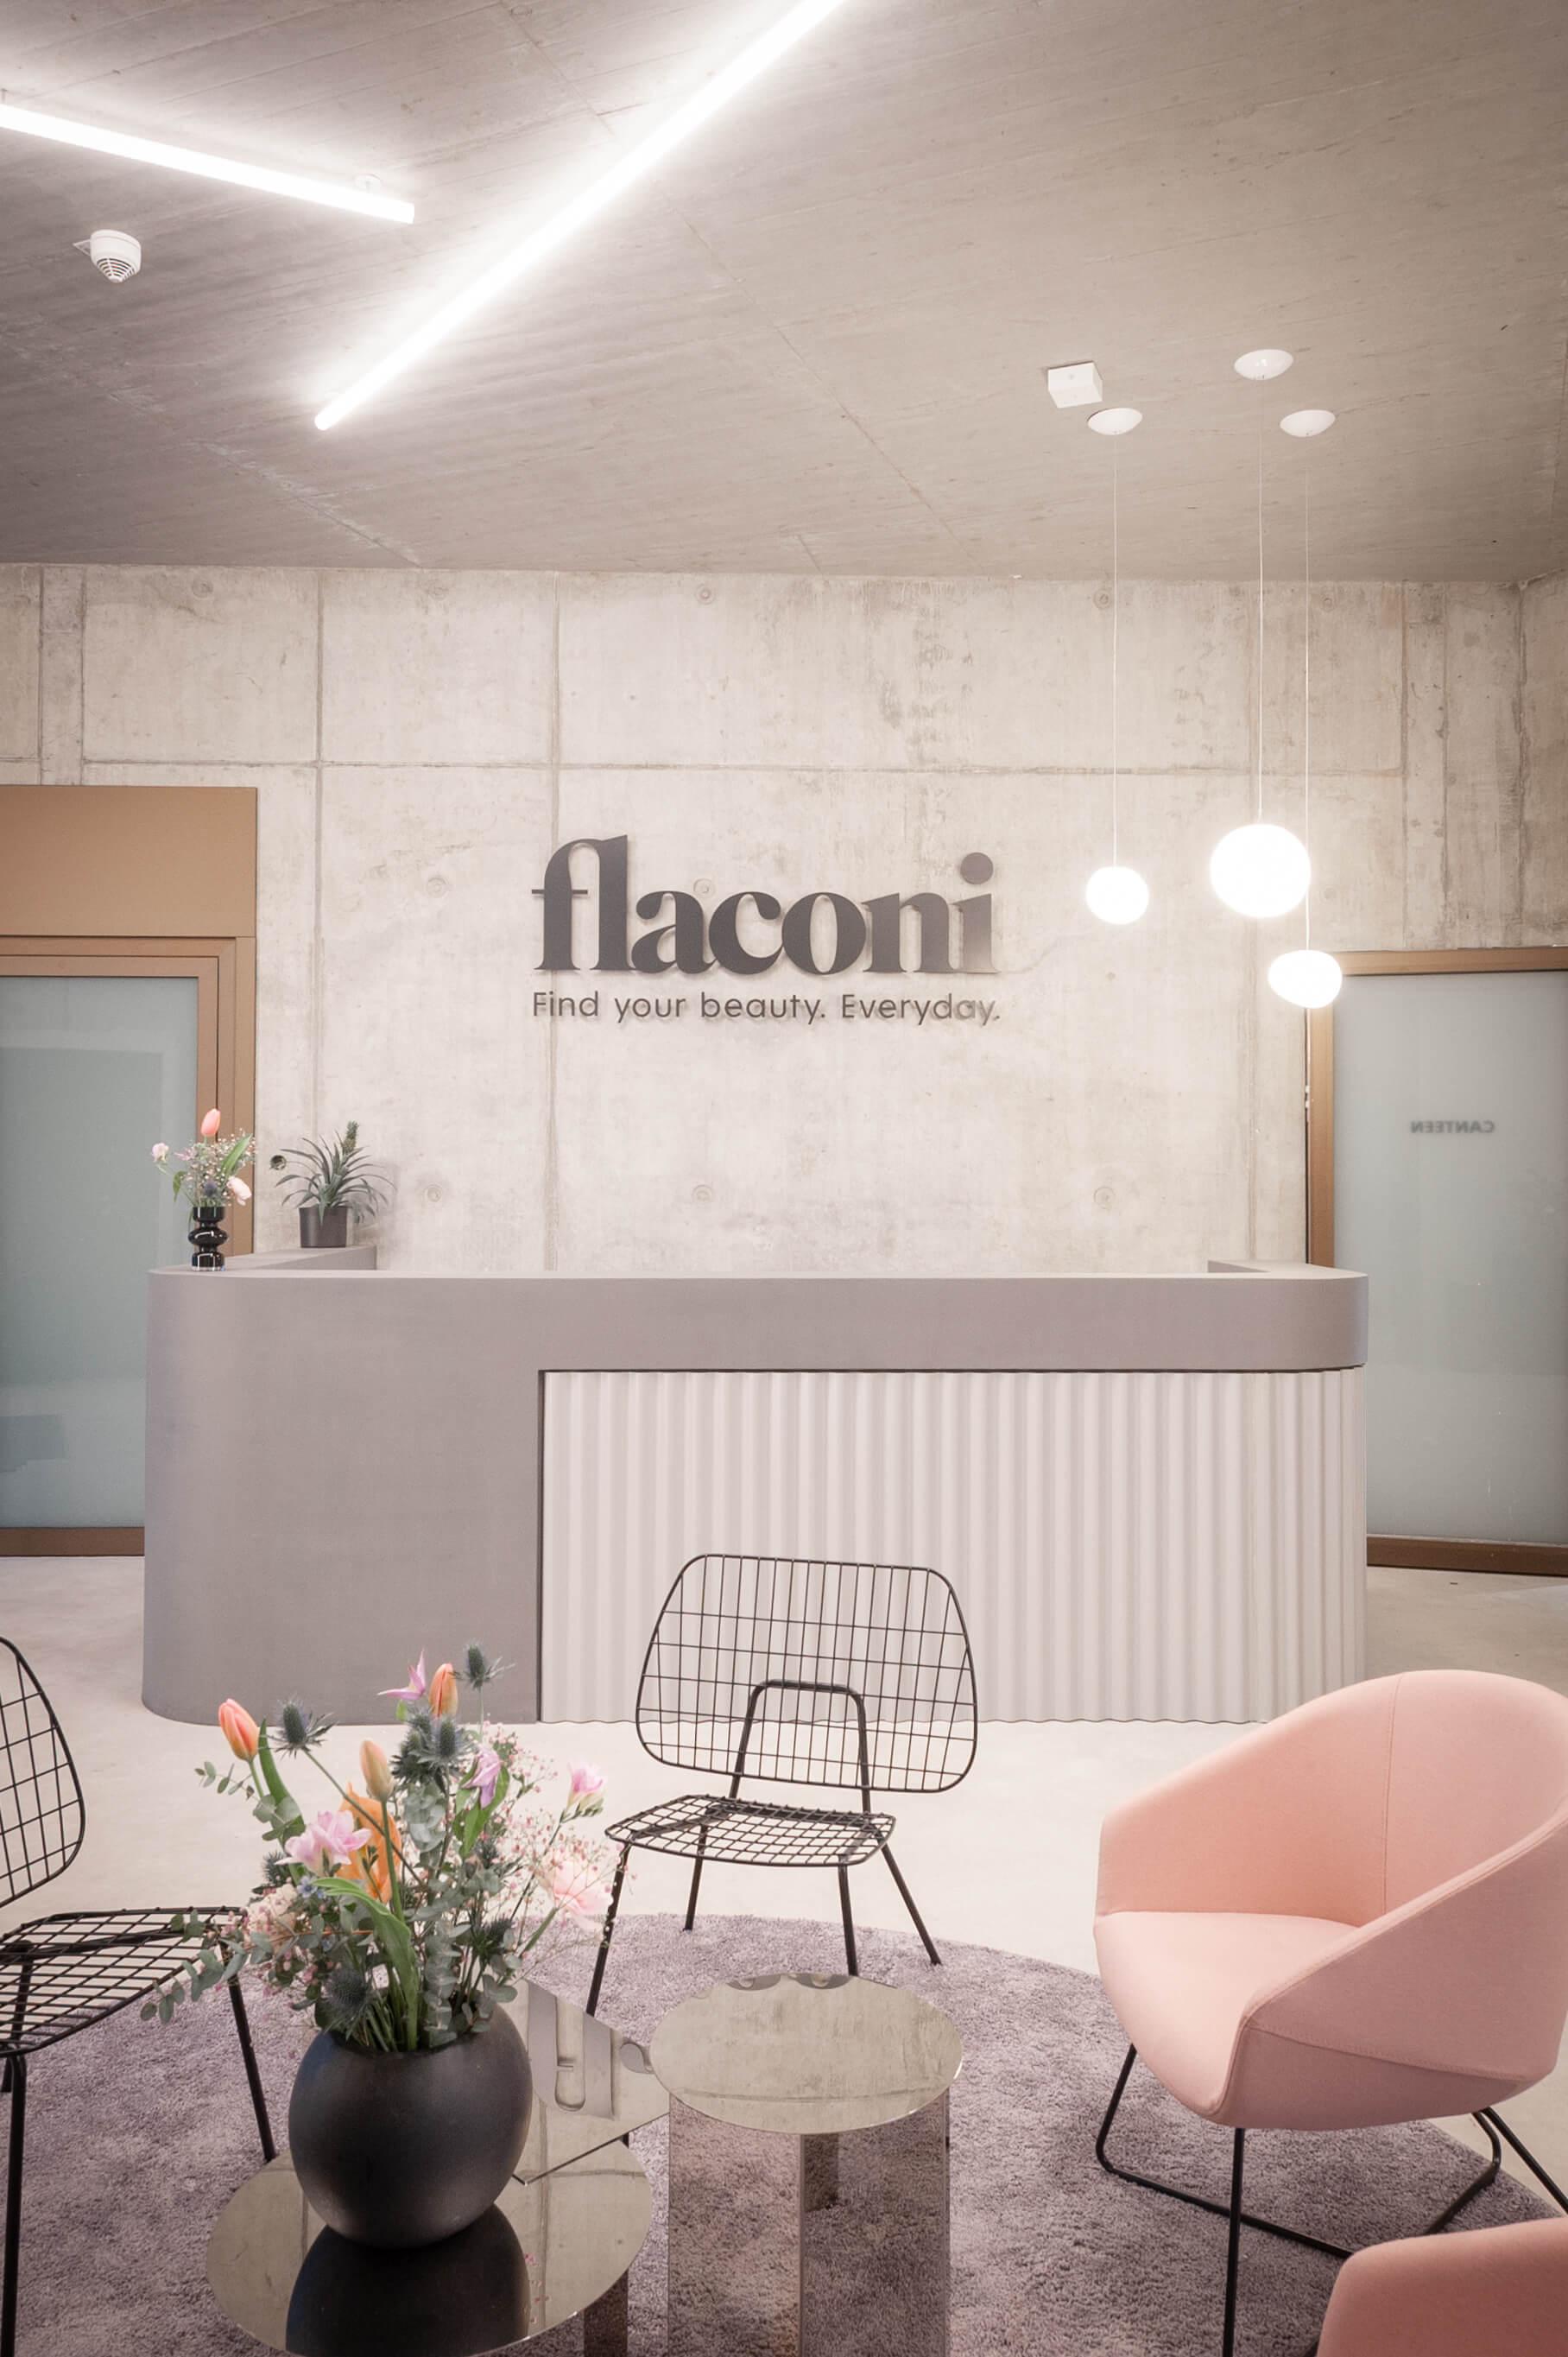 Flaconi_Berlin_13032021_DSC_6409